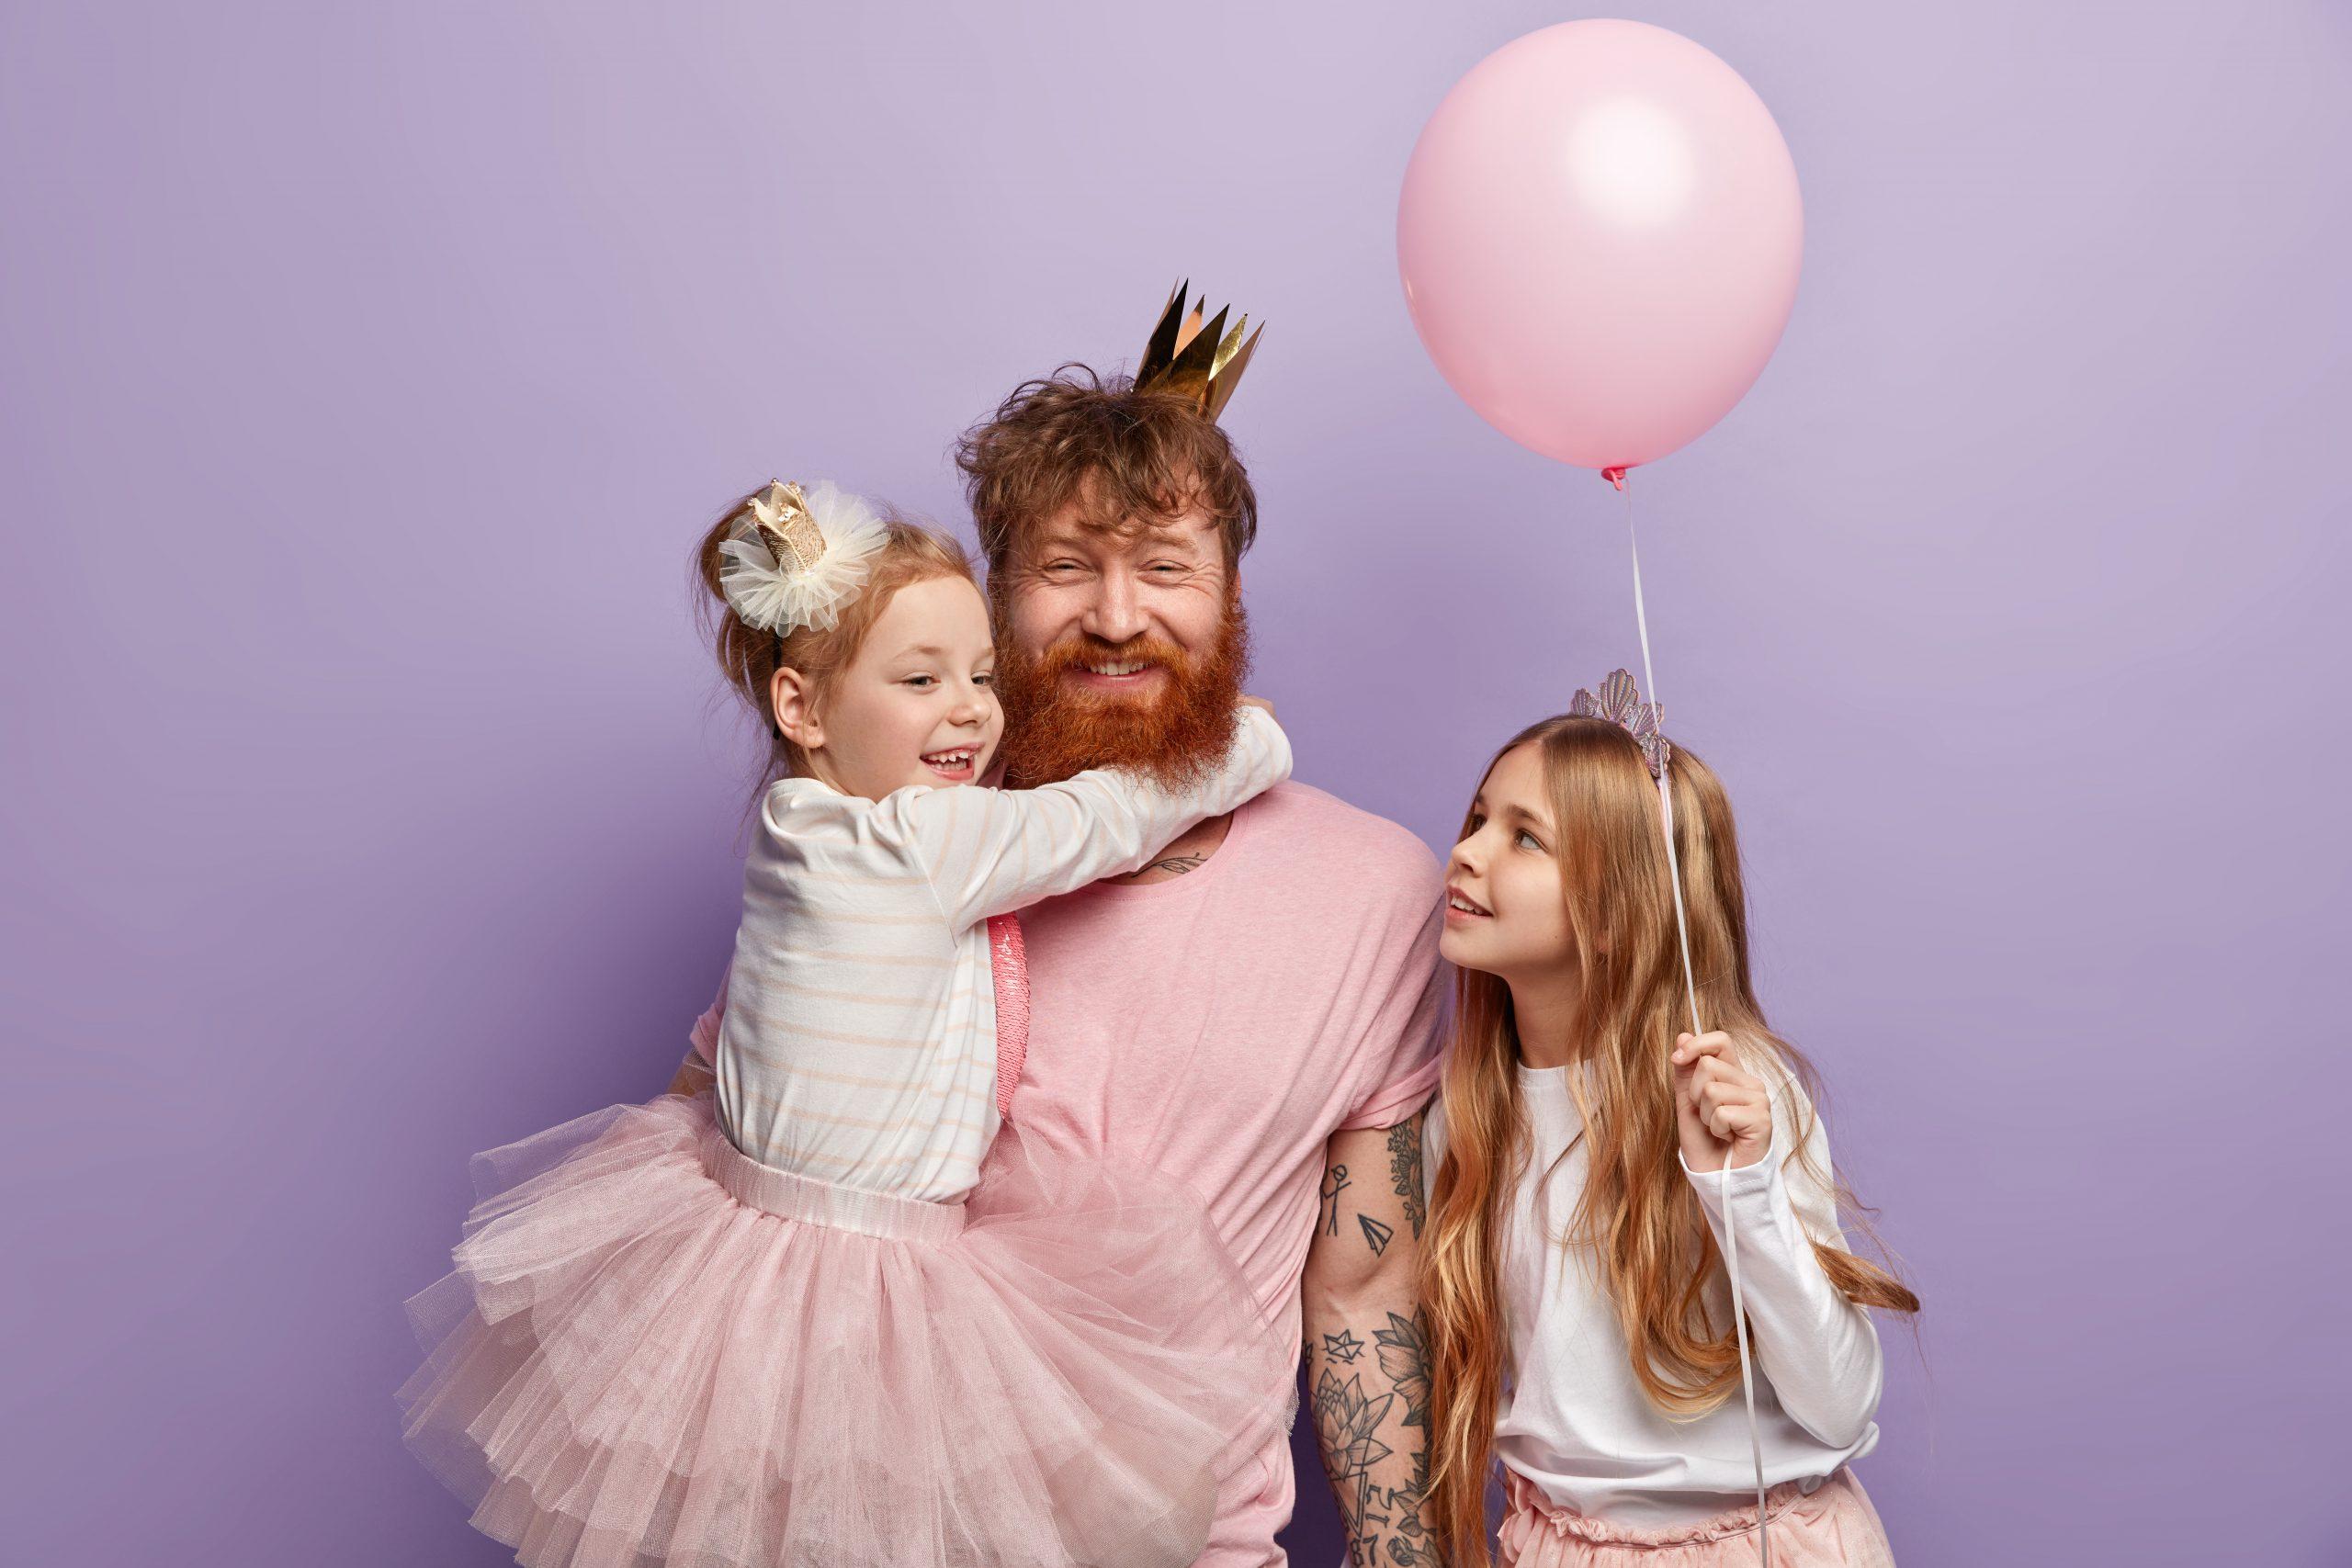 L'attachement de l'enfant : Et les papas dans tout ça?